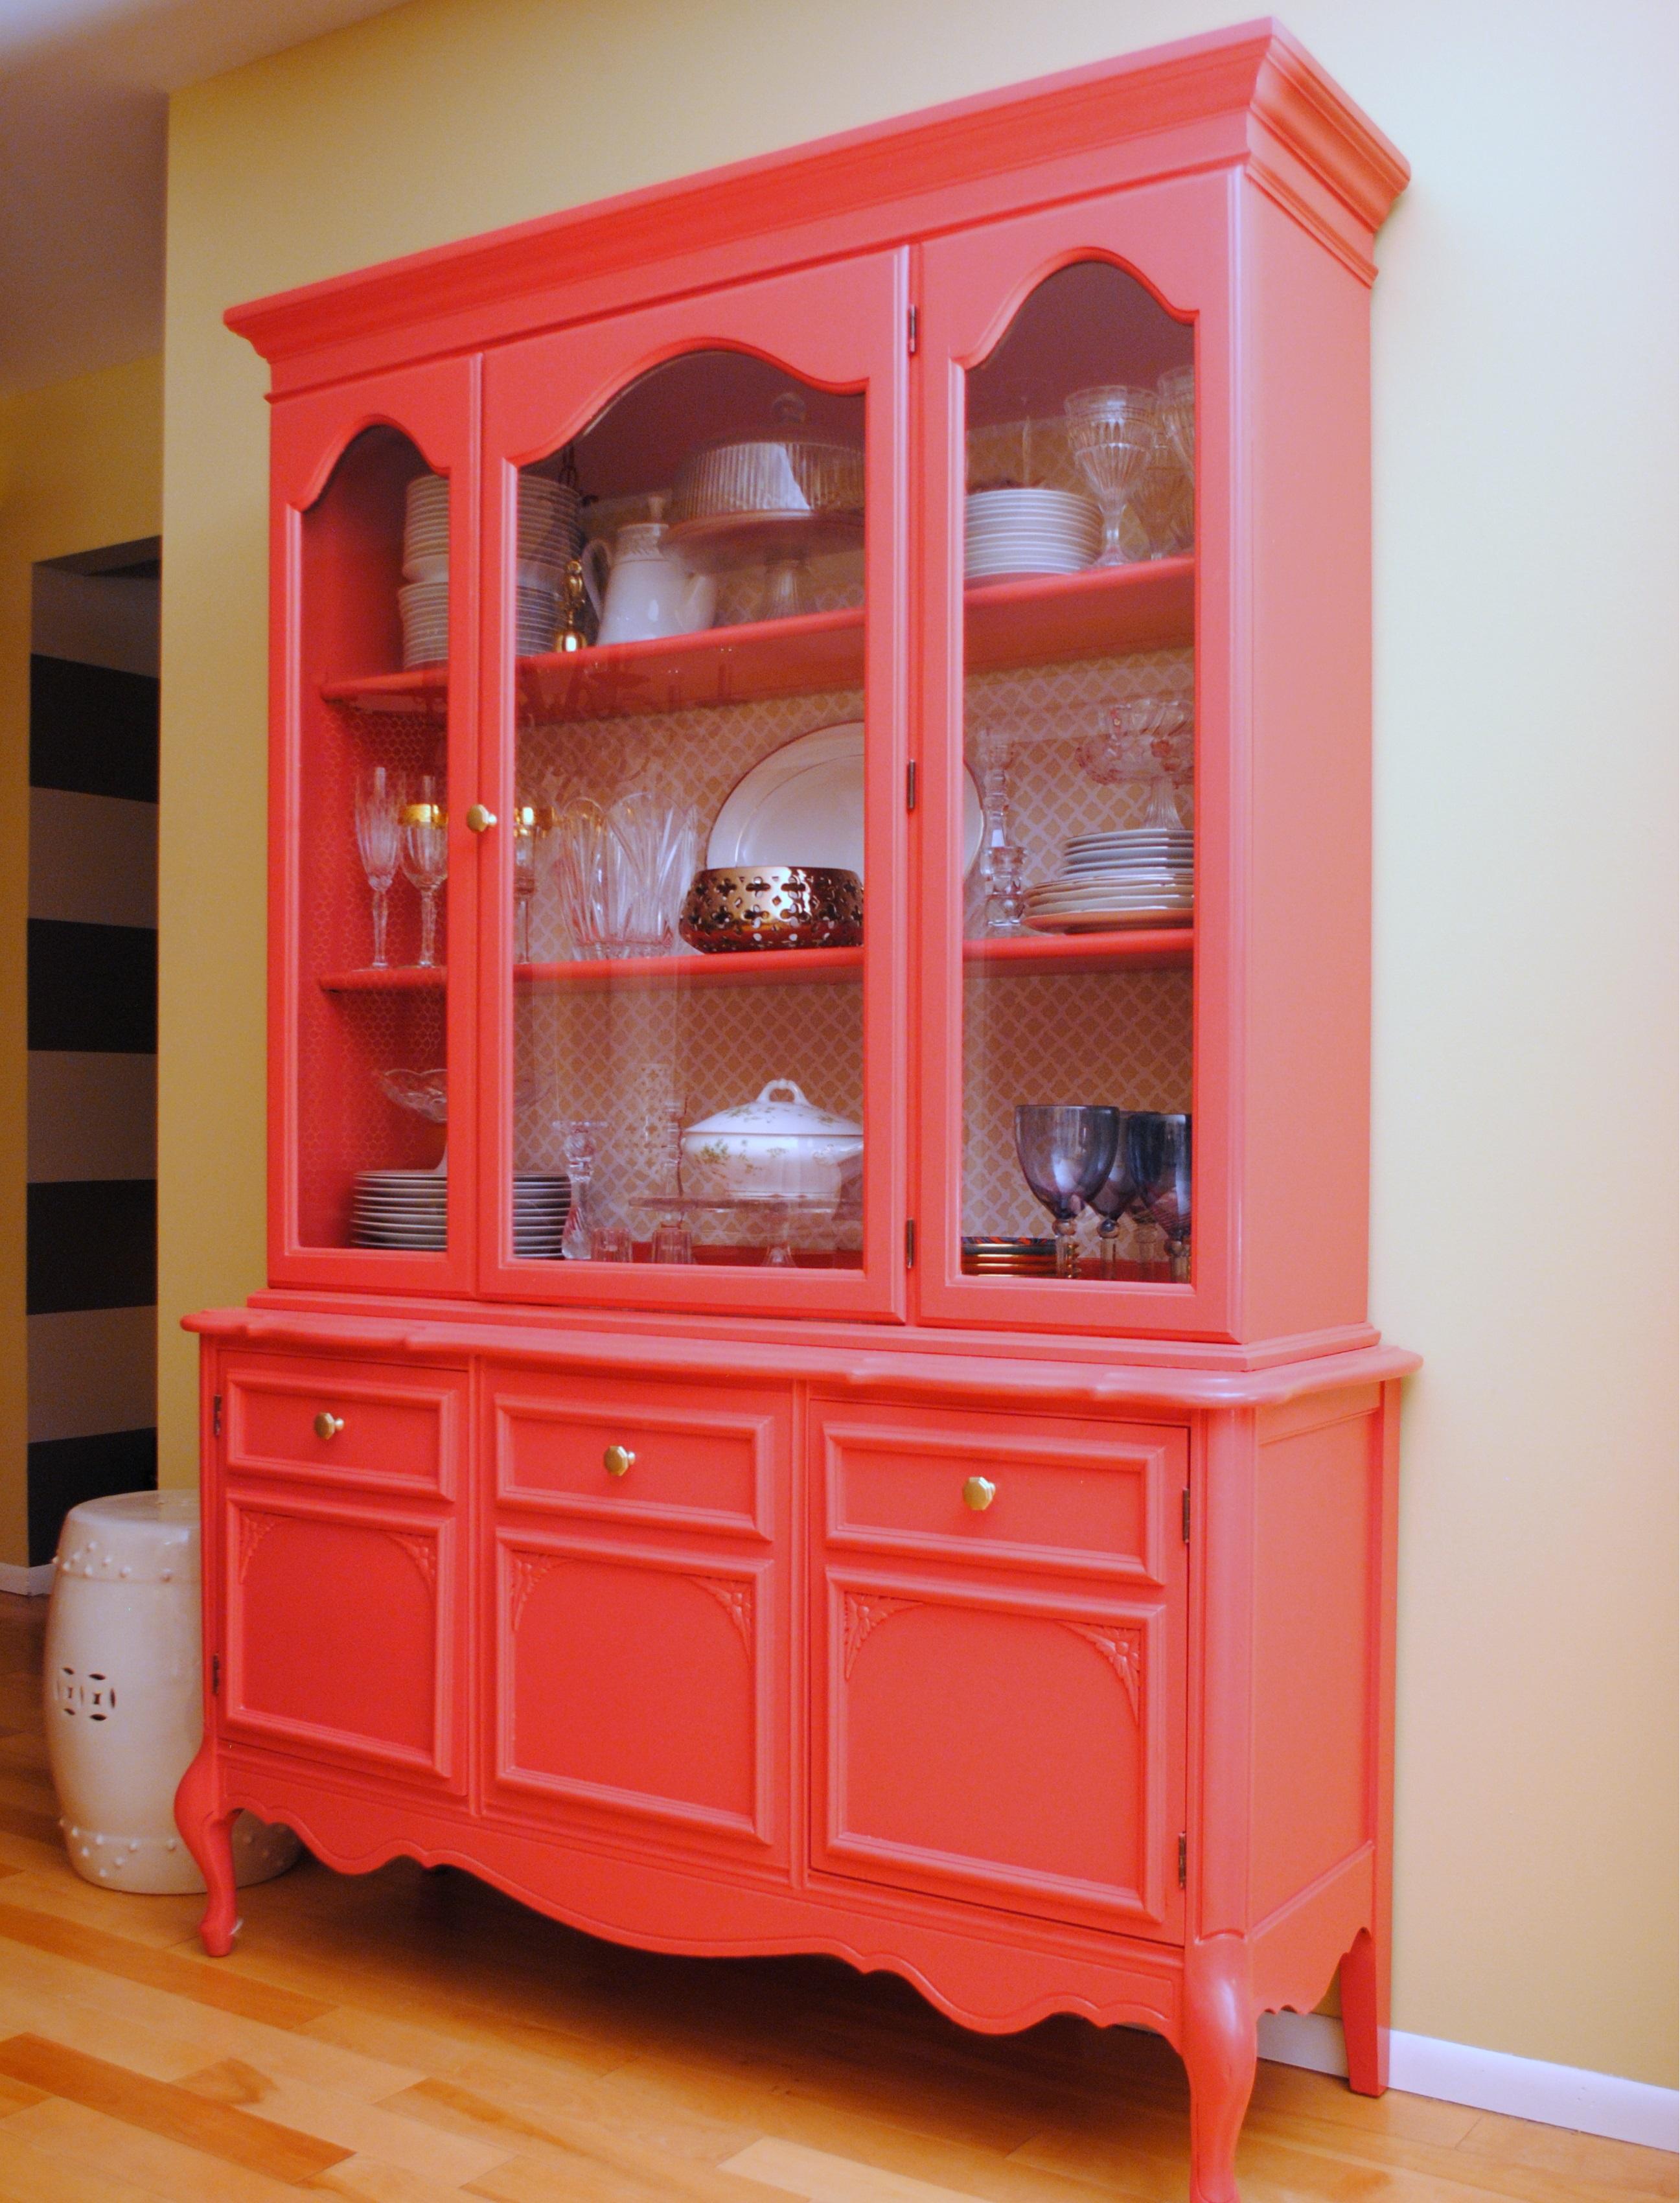 Как покрасить старый шкаф своими руками пошаговая инструкция